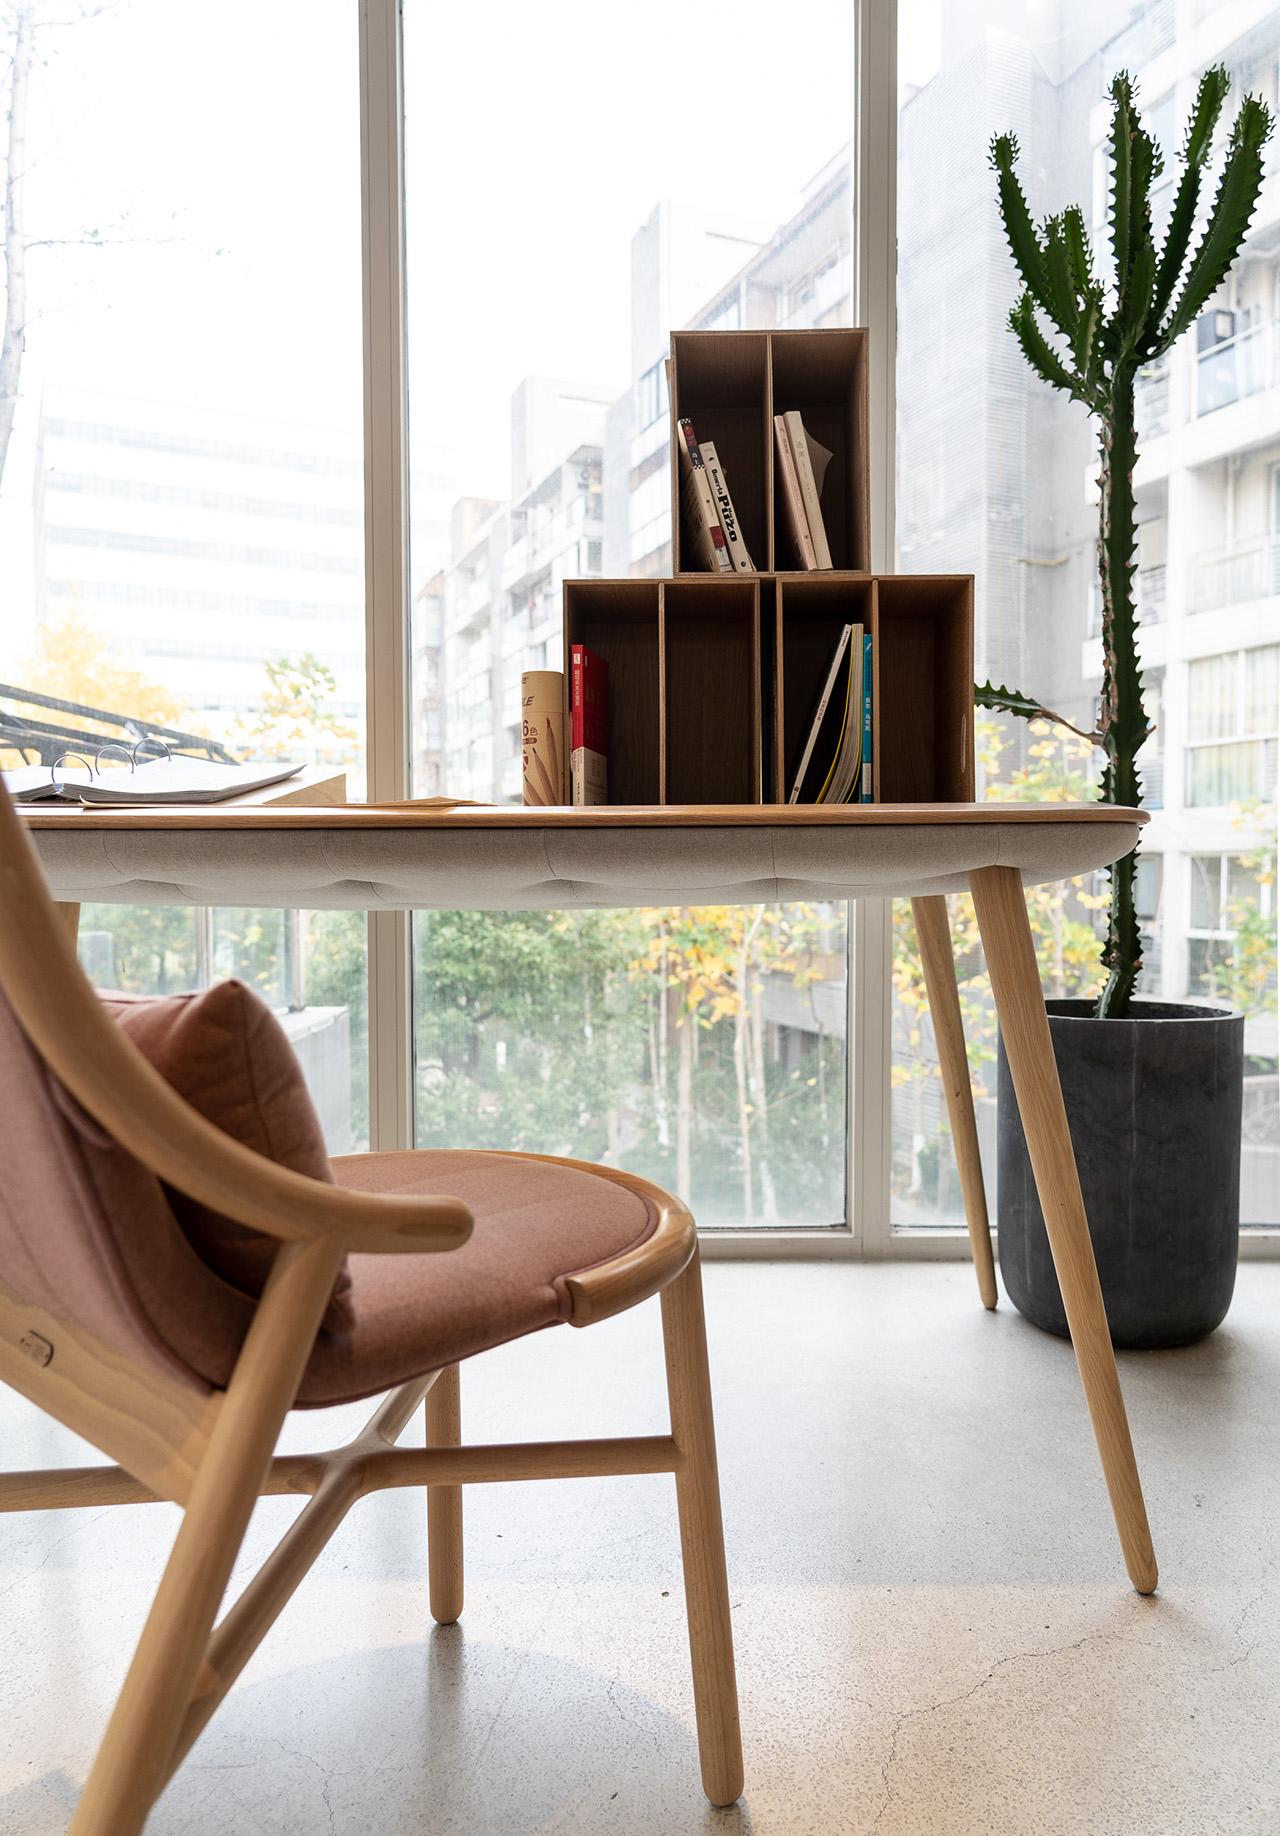 Ziinlife Life Store Shanghai X Pendulum Magazine